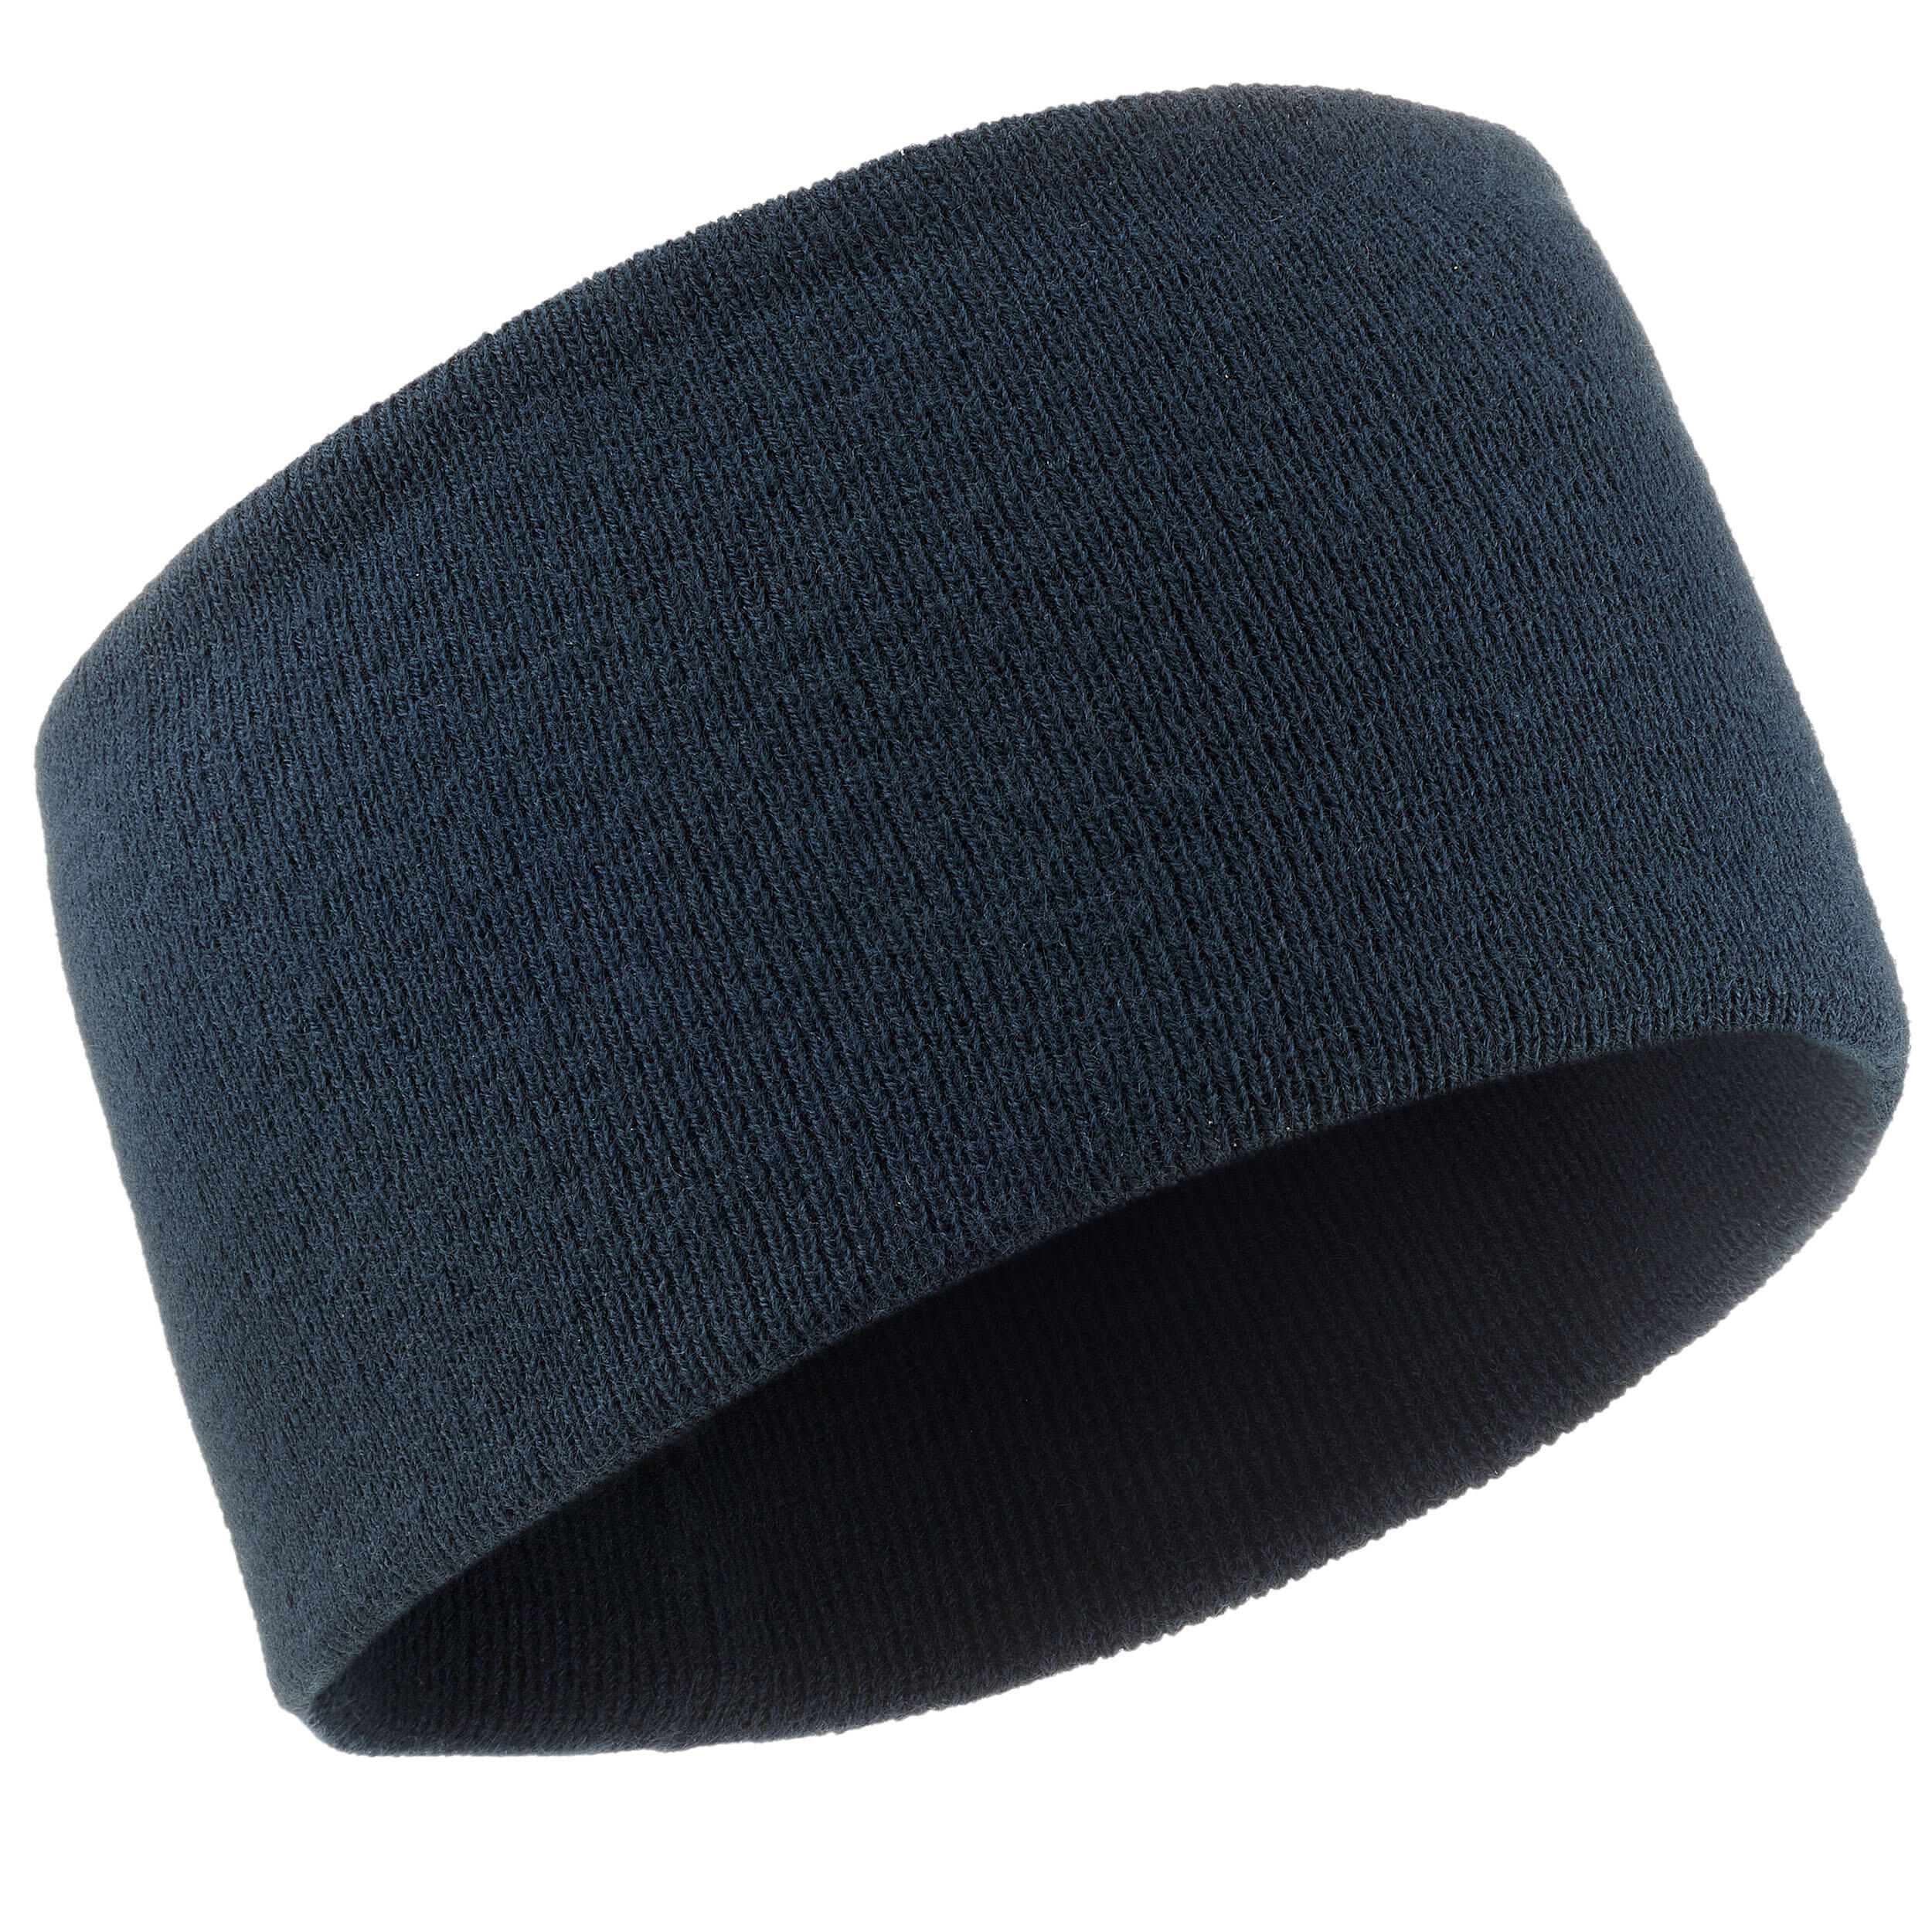 Stirnband Simple Marineblau